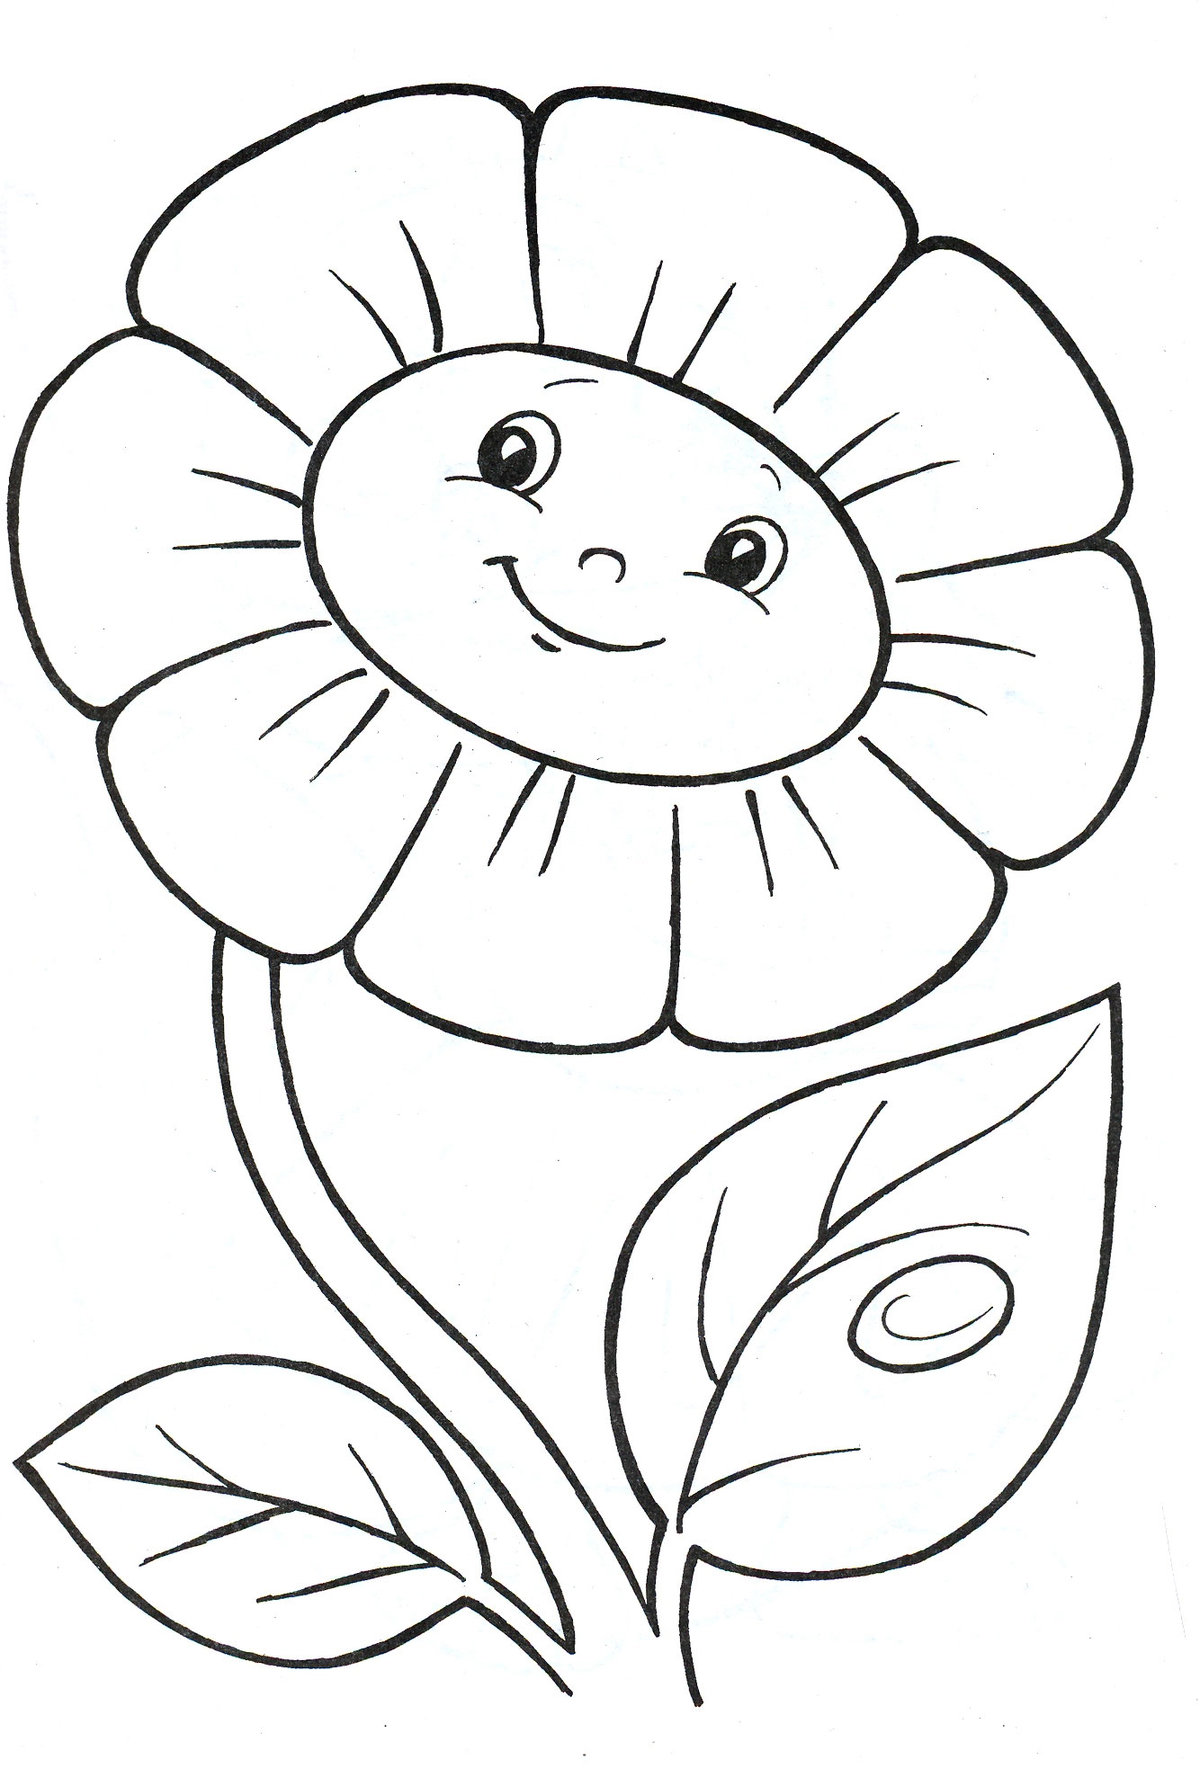 Раскраски цветы распечатать формат а4 для девочек, спокойной